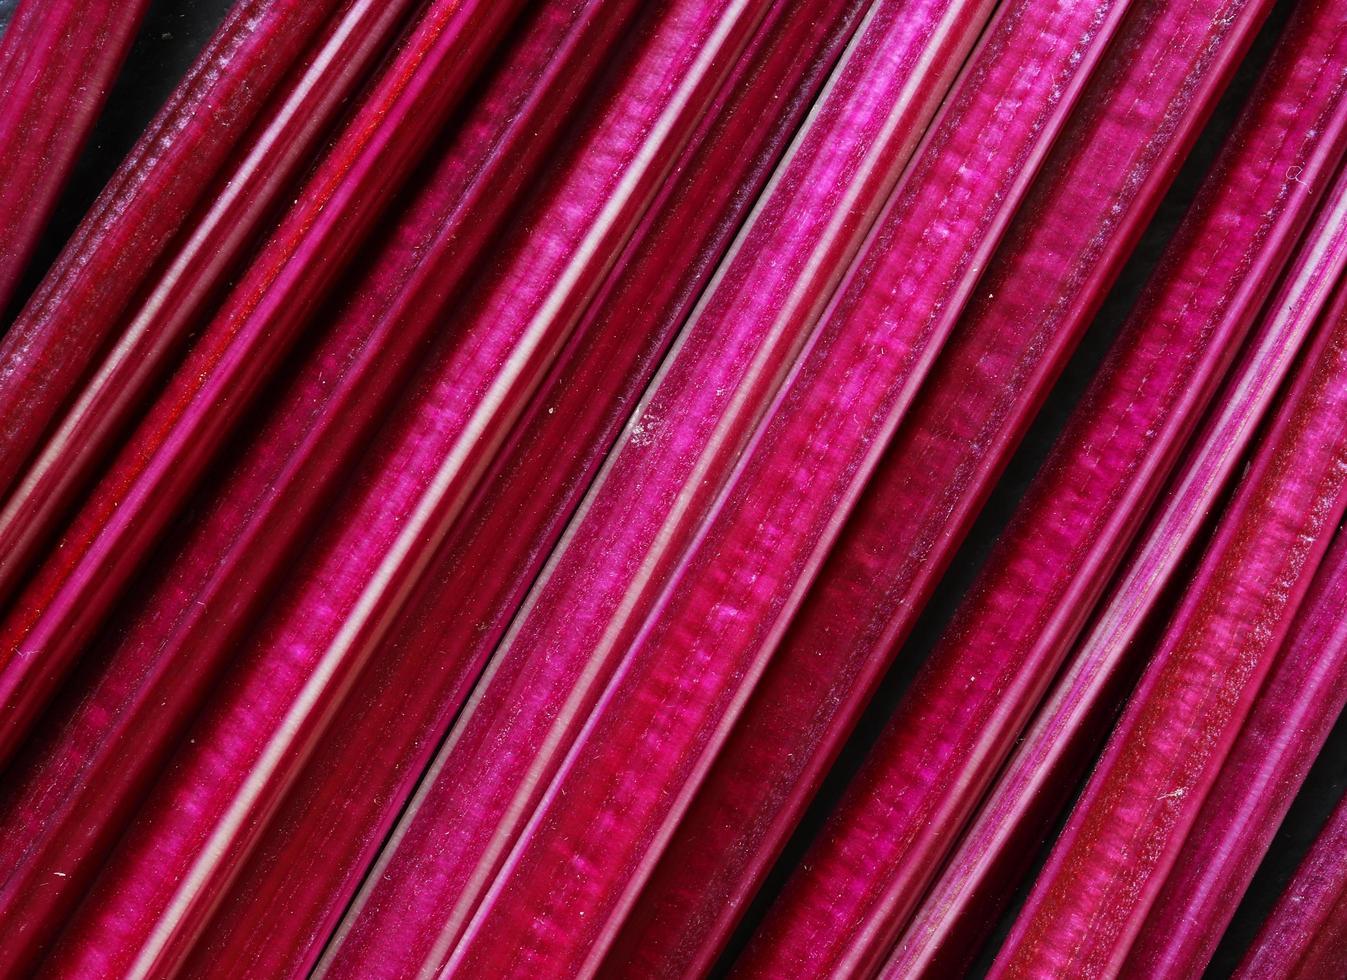 fotografia di steli di barbabietola per sfondo alimentare foto